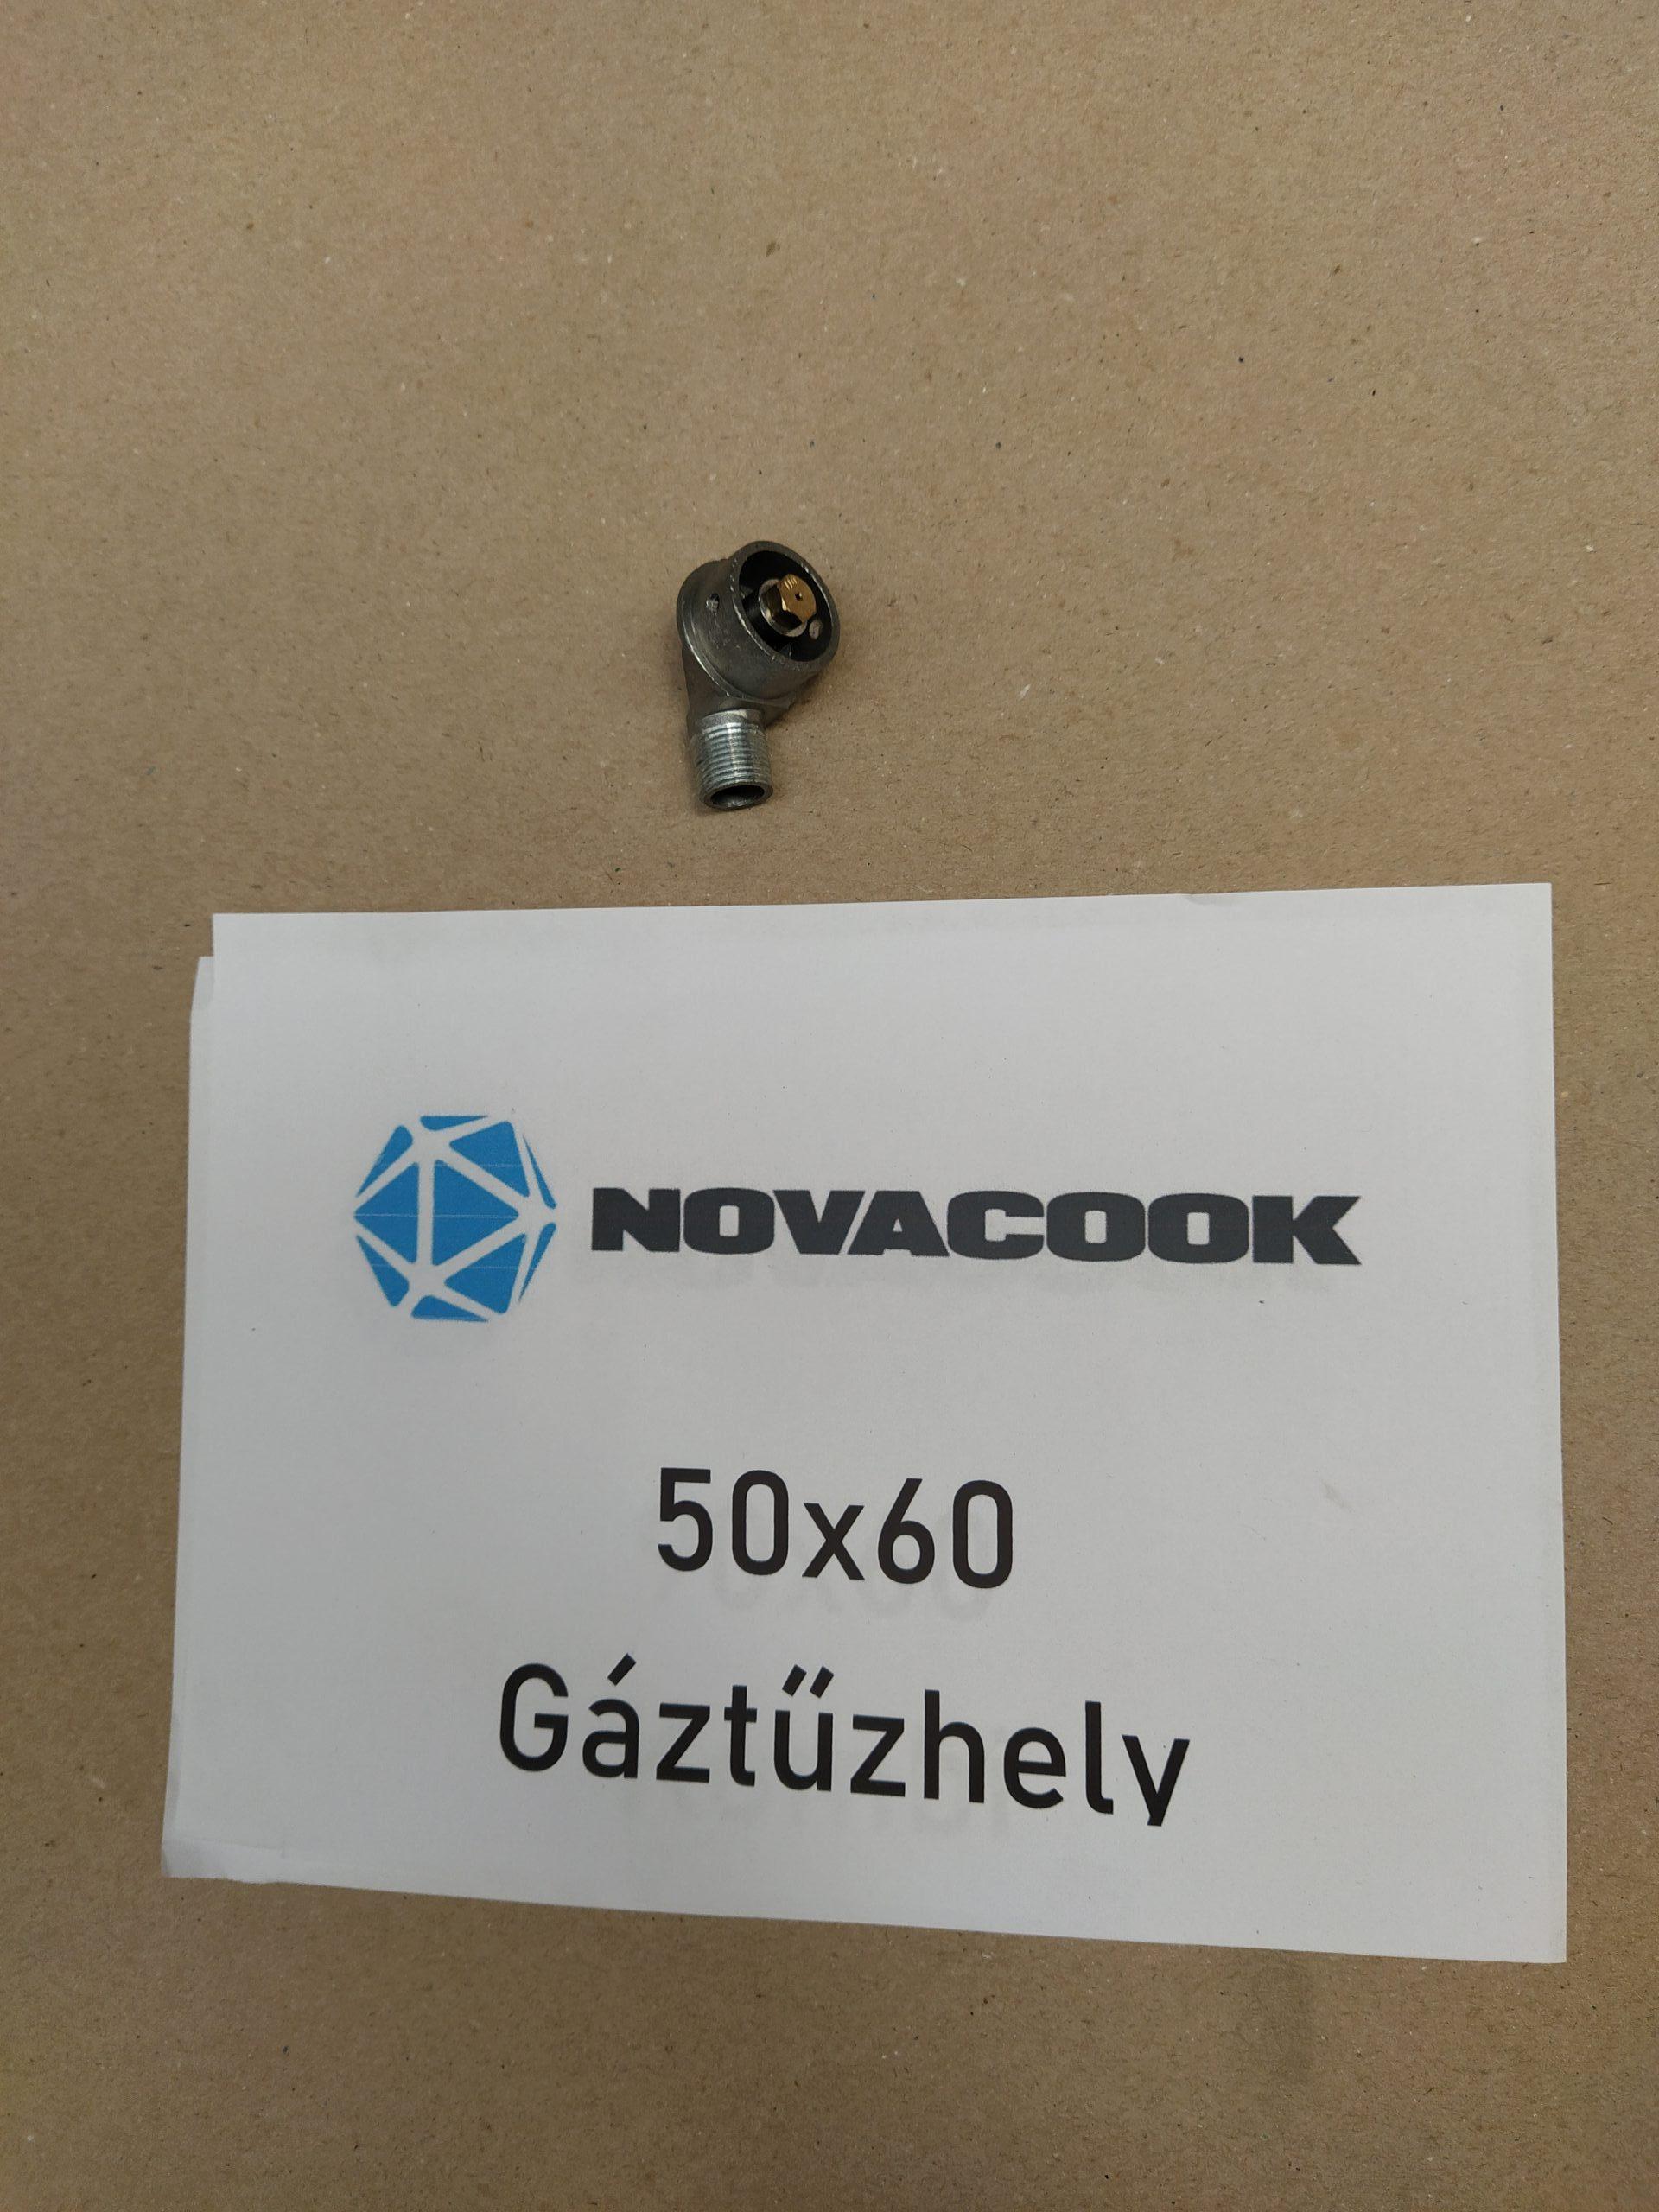 Gáz sütő fúvókatartó csonk (50×60-as gáz sütőhöz)